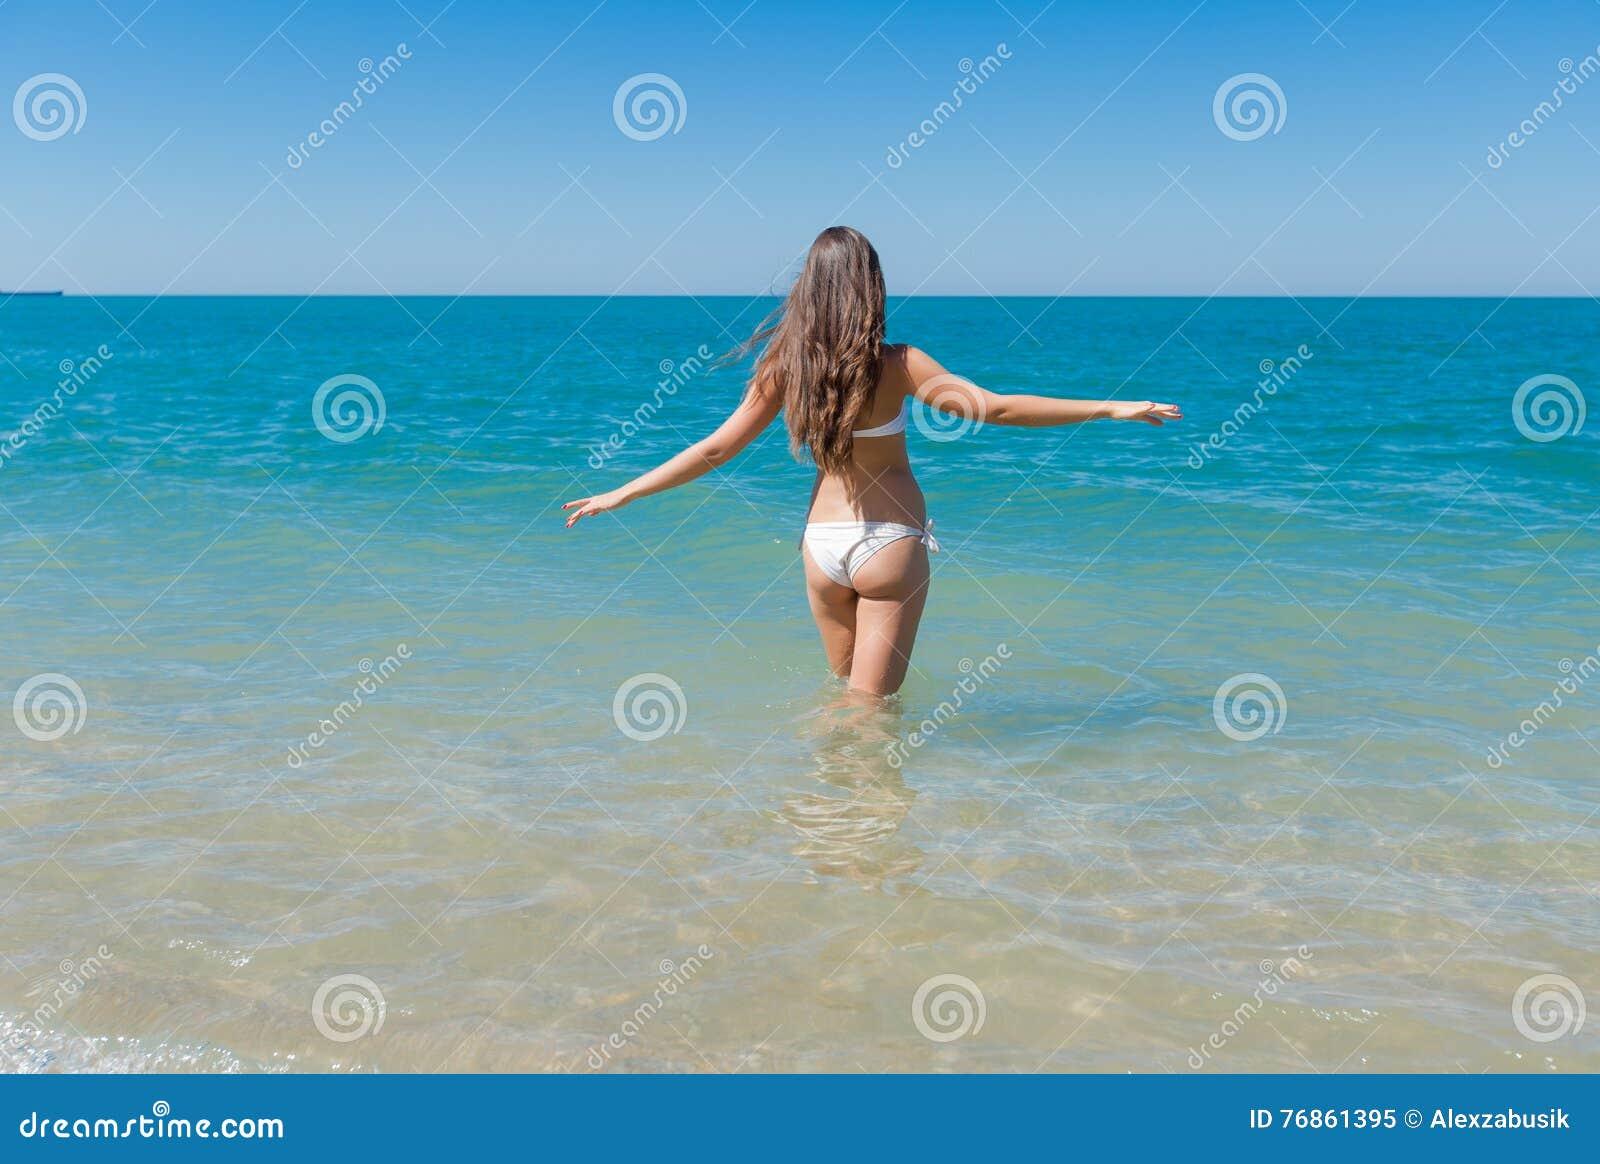 00969bf823d7 La Ragazza In Bikini Bianco Entra Nel Mare Immagine Stock - Immagine ...